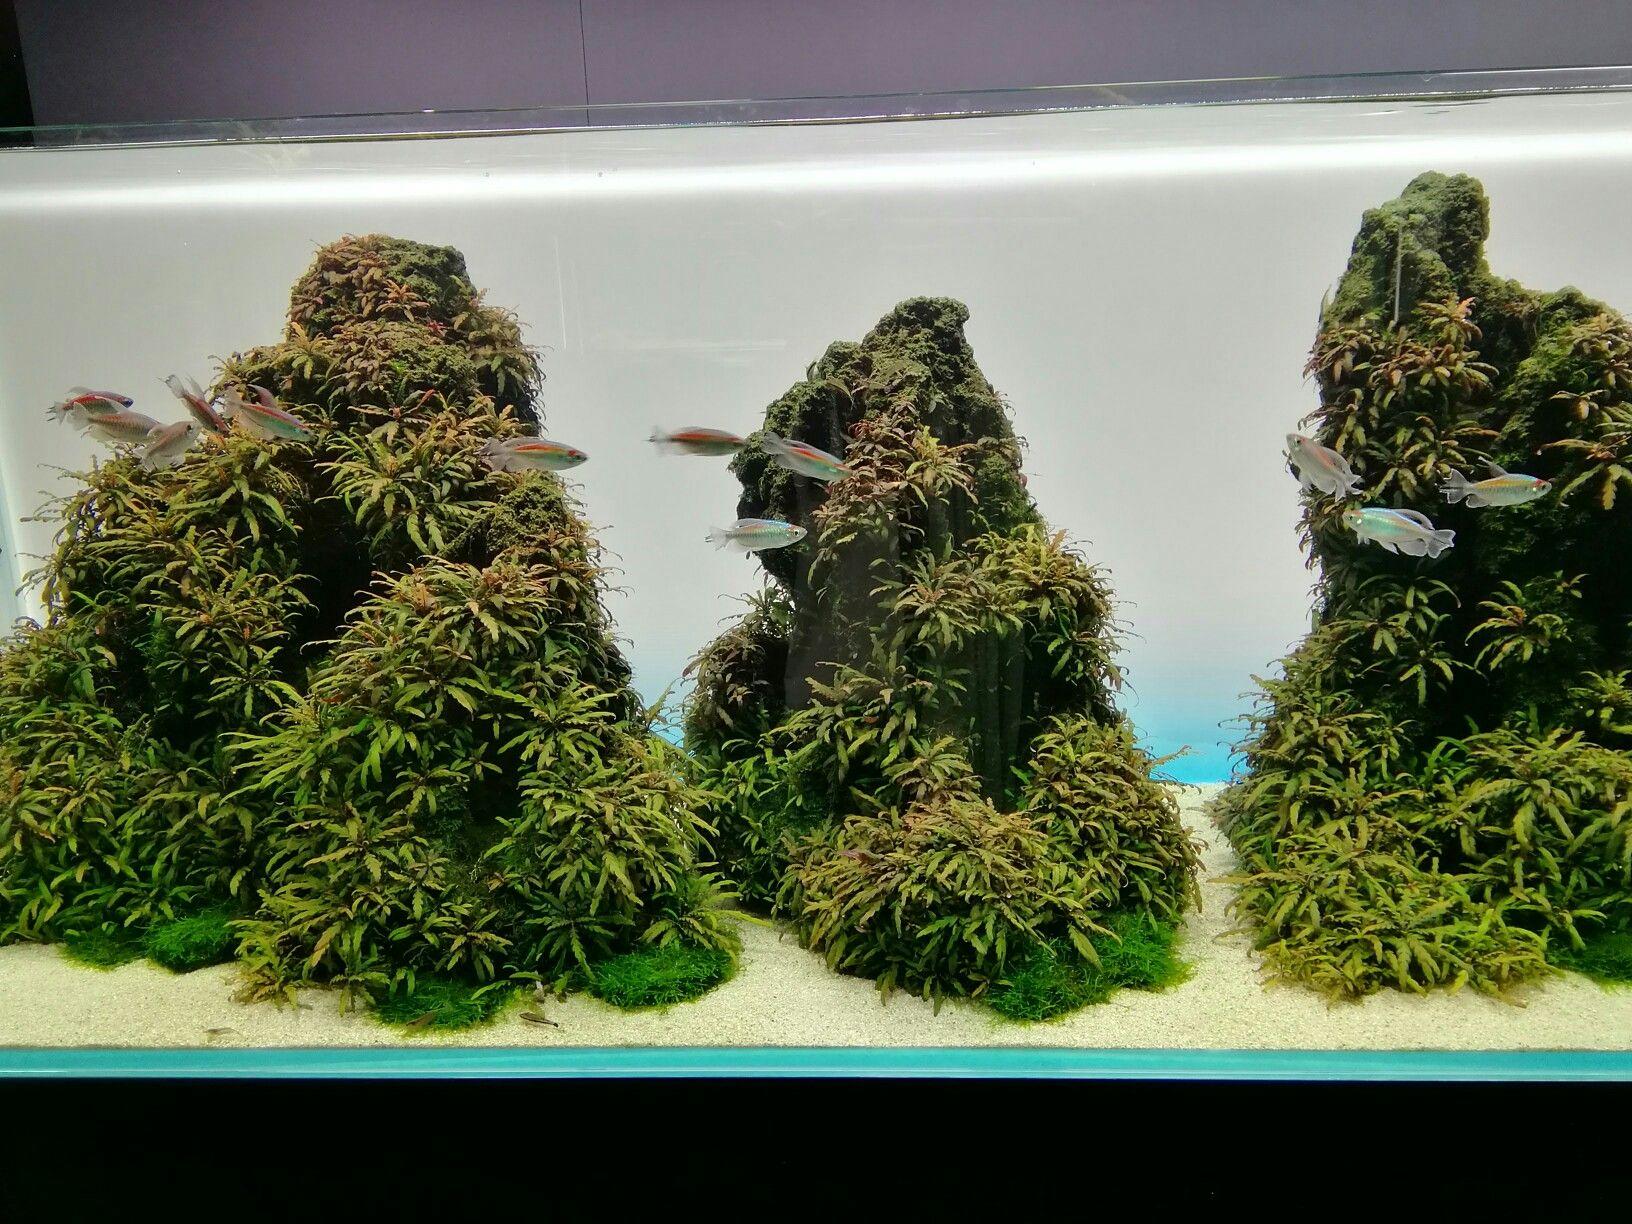 Nature aquariumtakashi amano 天野尚 peceras in pinterest